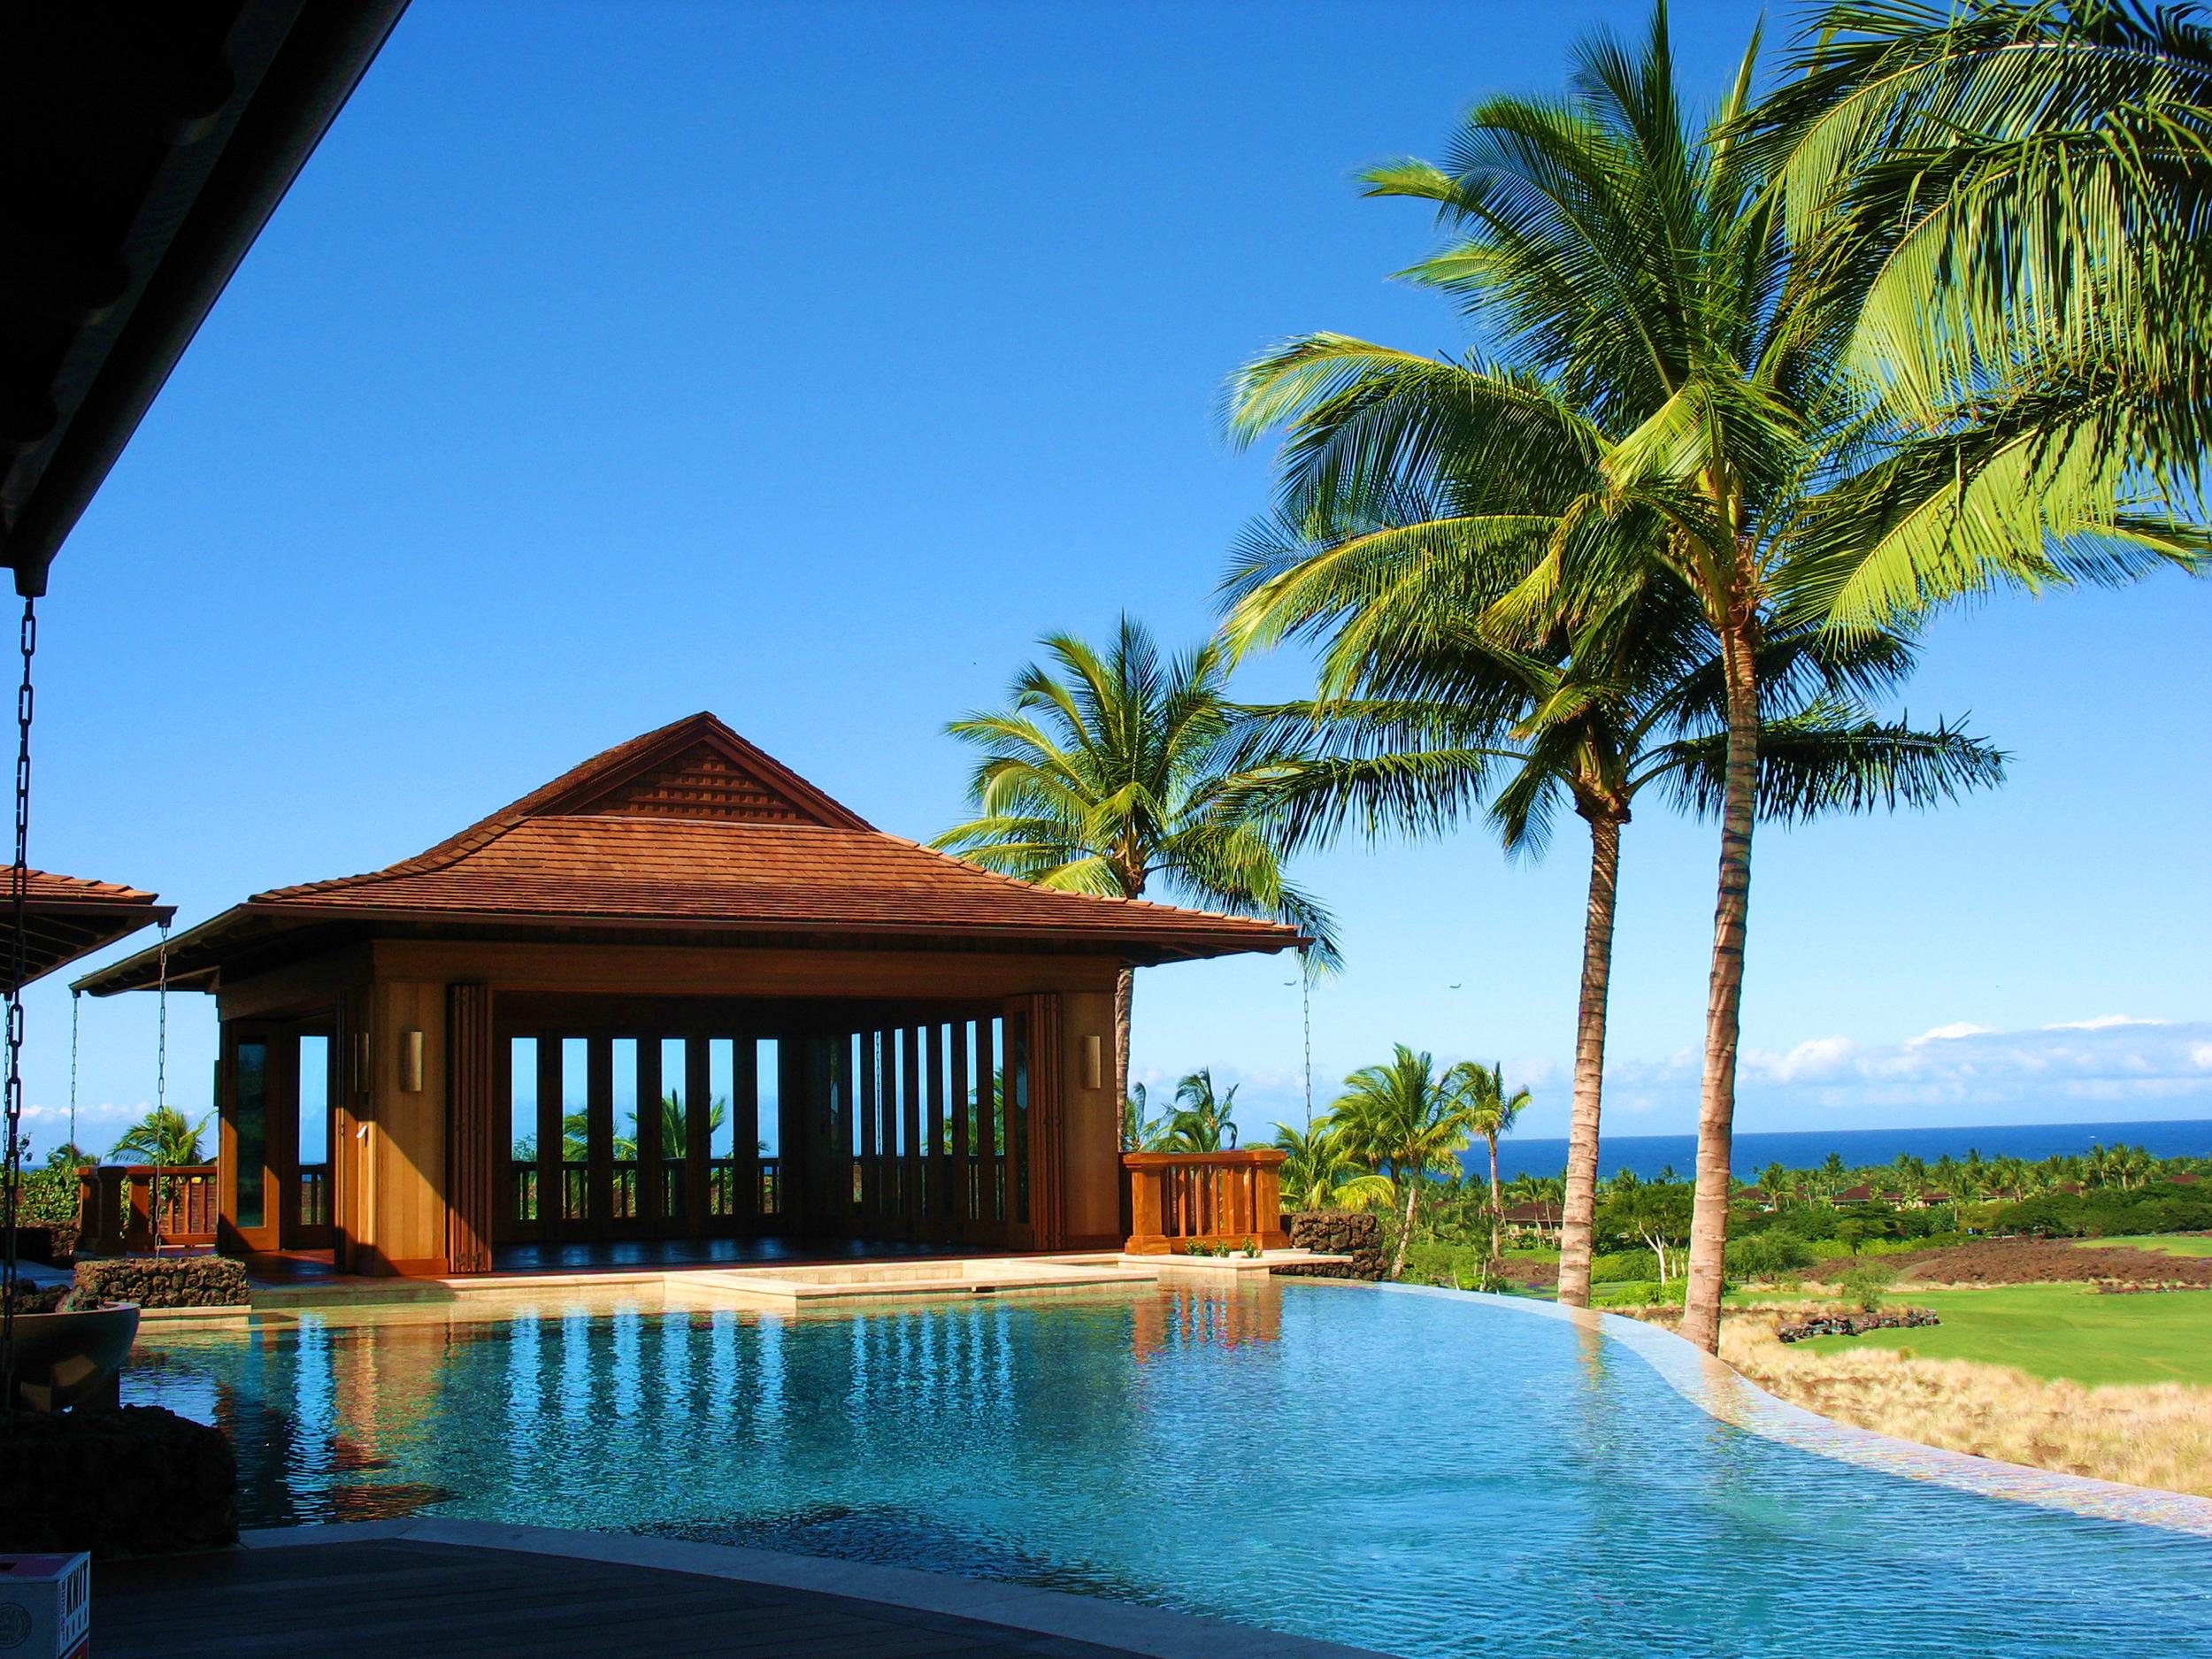 Pool_Bolton Inc_Kona Hawaii 1.jpg